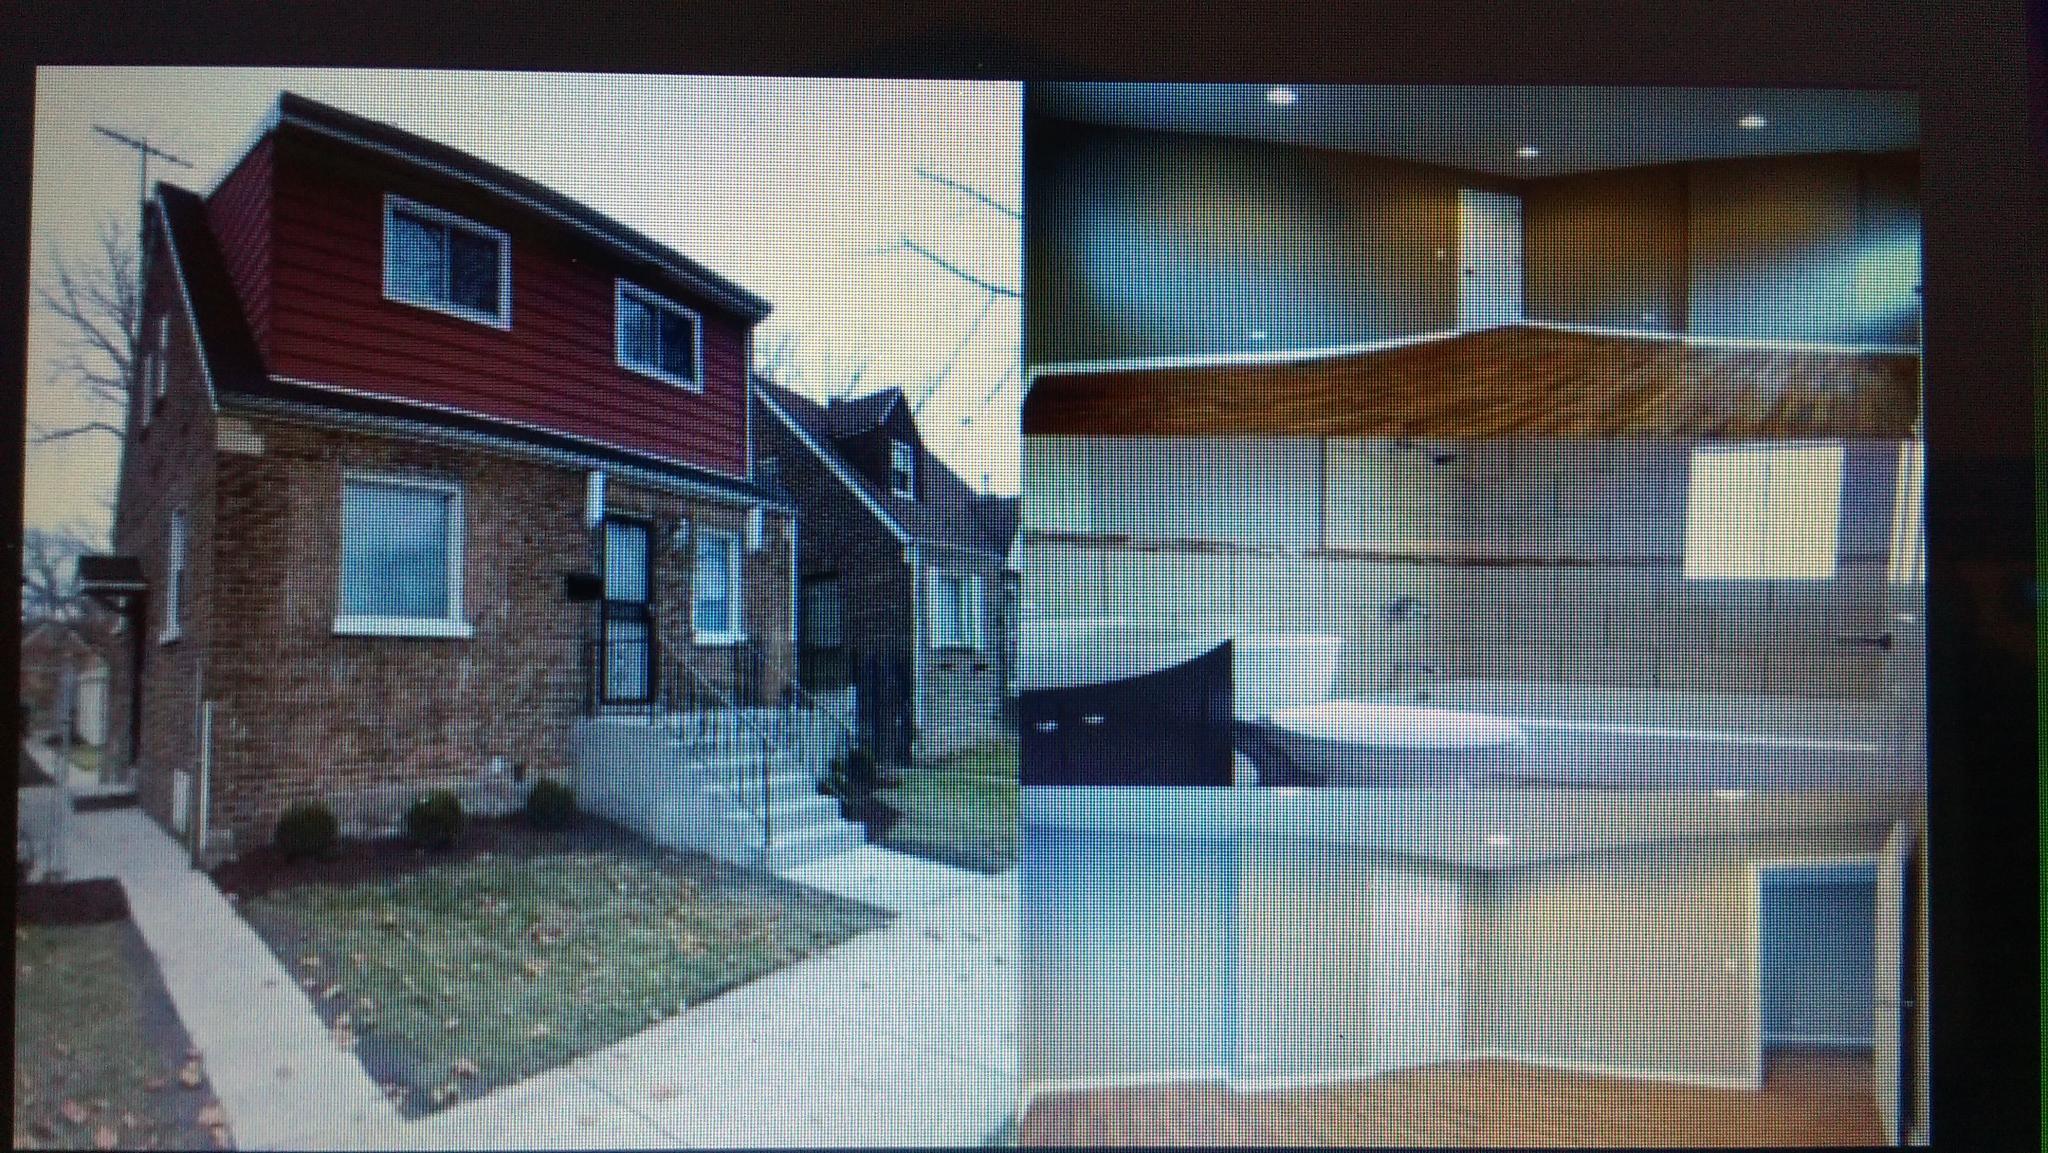 10233 S Calhoun Ave, Chicago, IL 60617 For Rent | Trulia